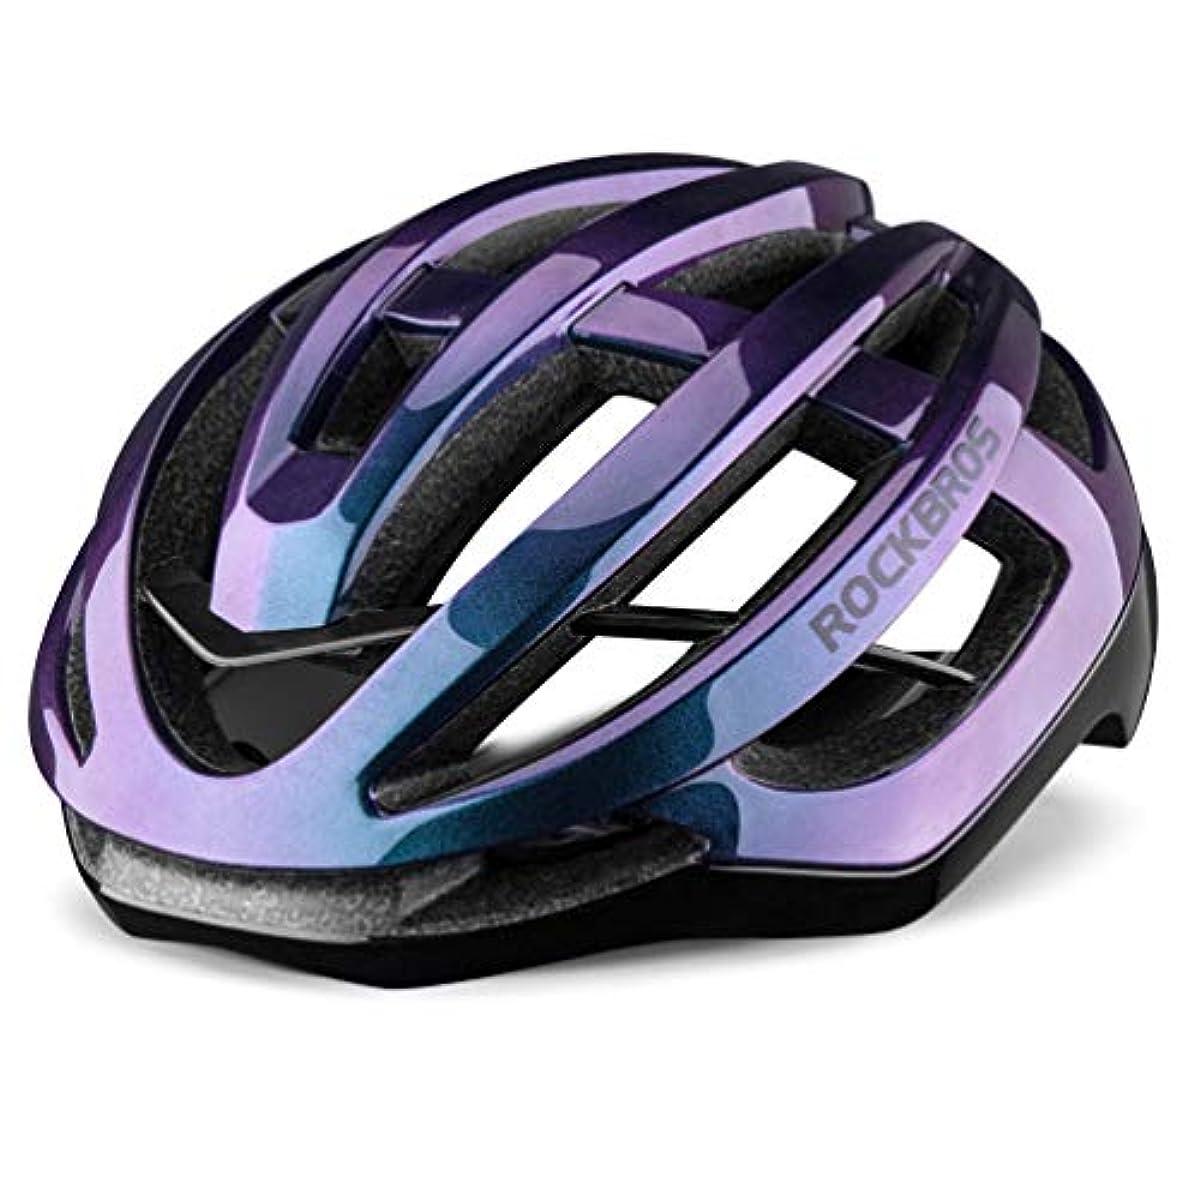 [해외] 락브로스 자전거 헬멧 경량 통풍 M/L (5색상)